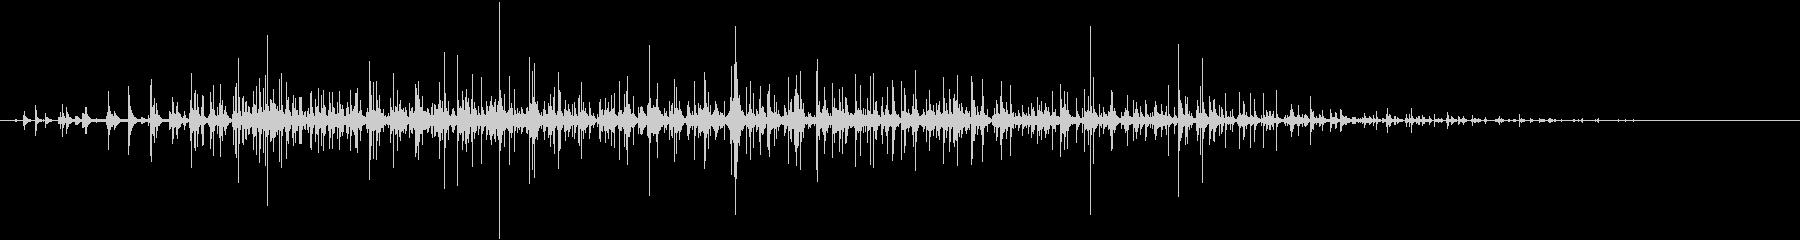 パチパチパチ… 小規模な拍手。の未再生の波形